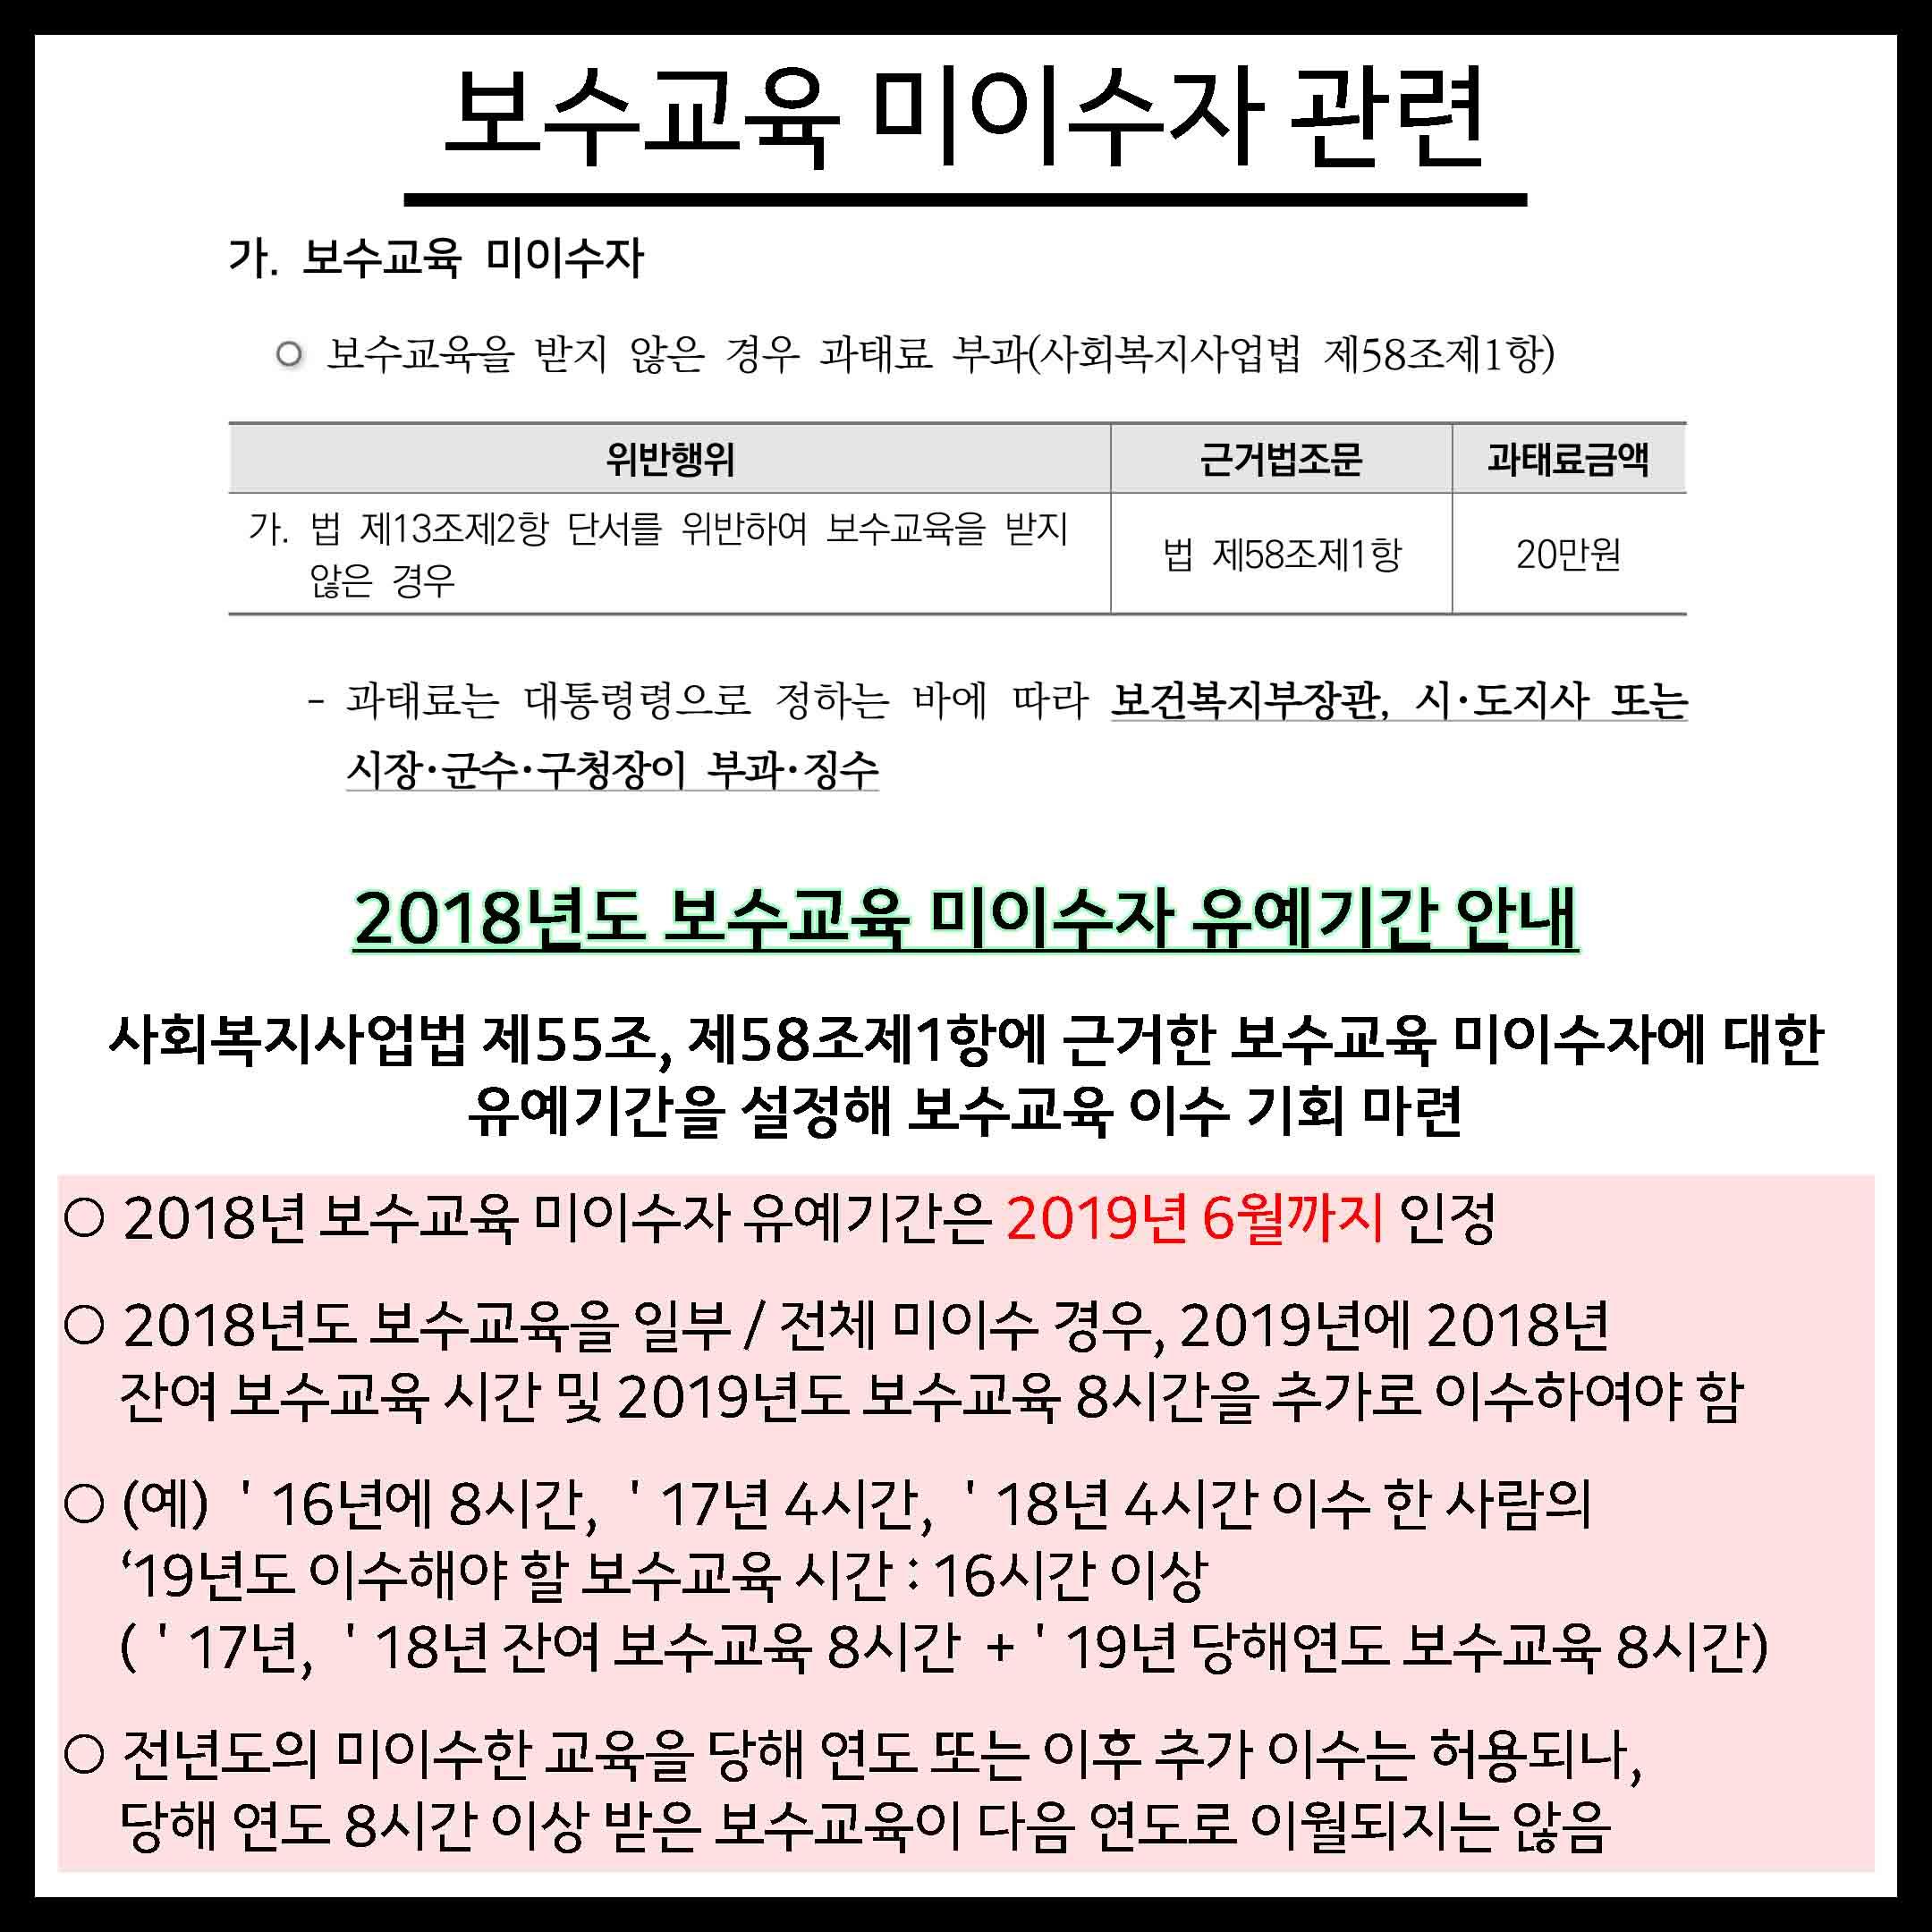 2019년 보수교육 미이수자 안내.jpg